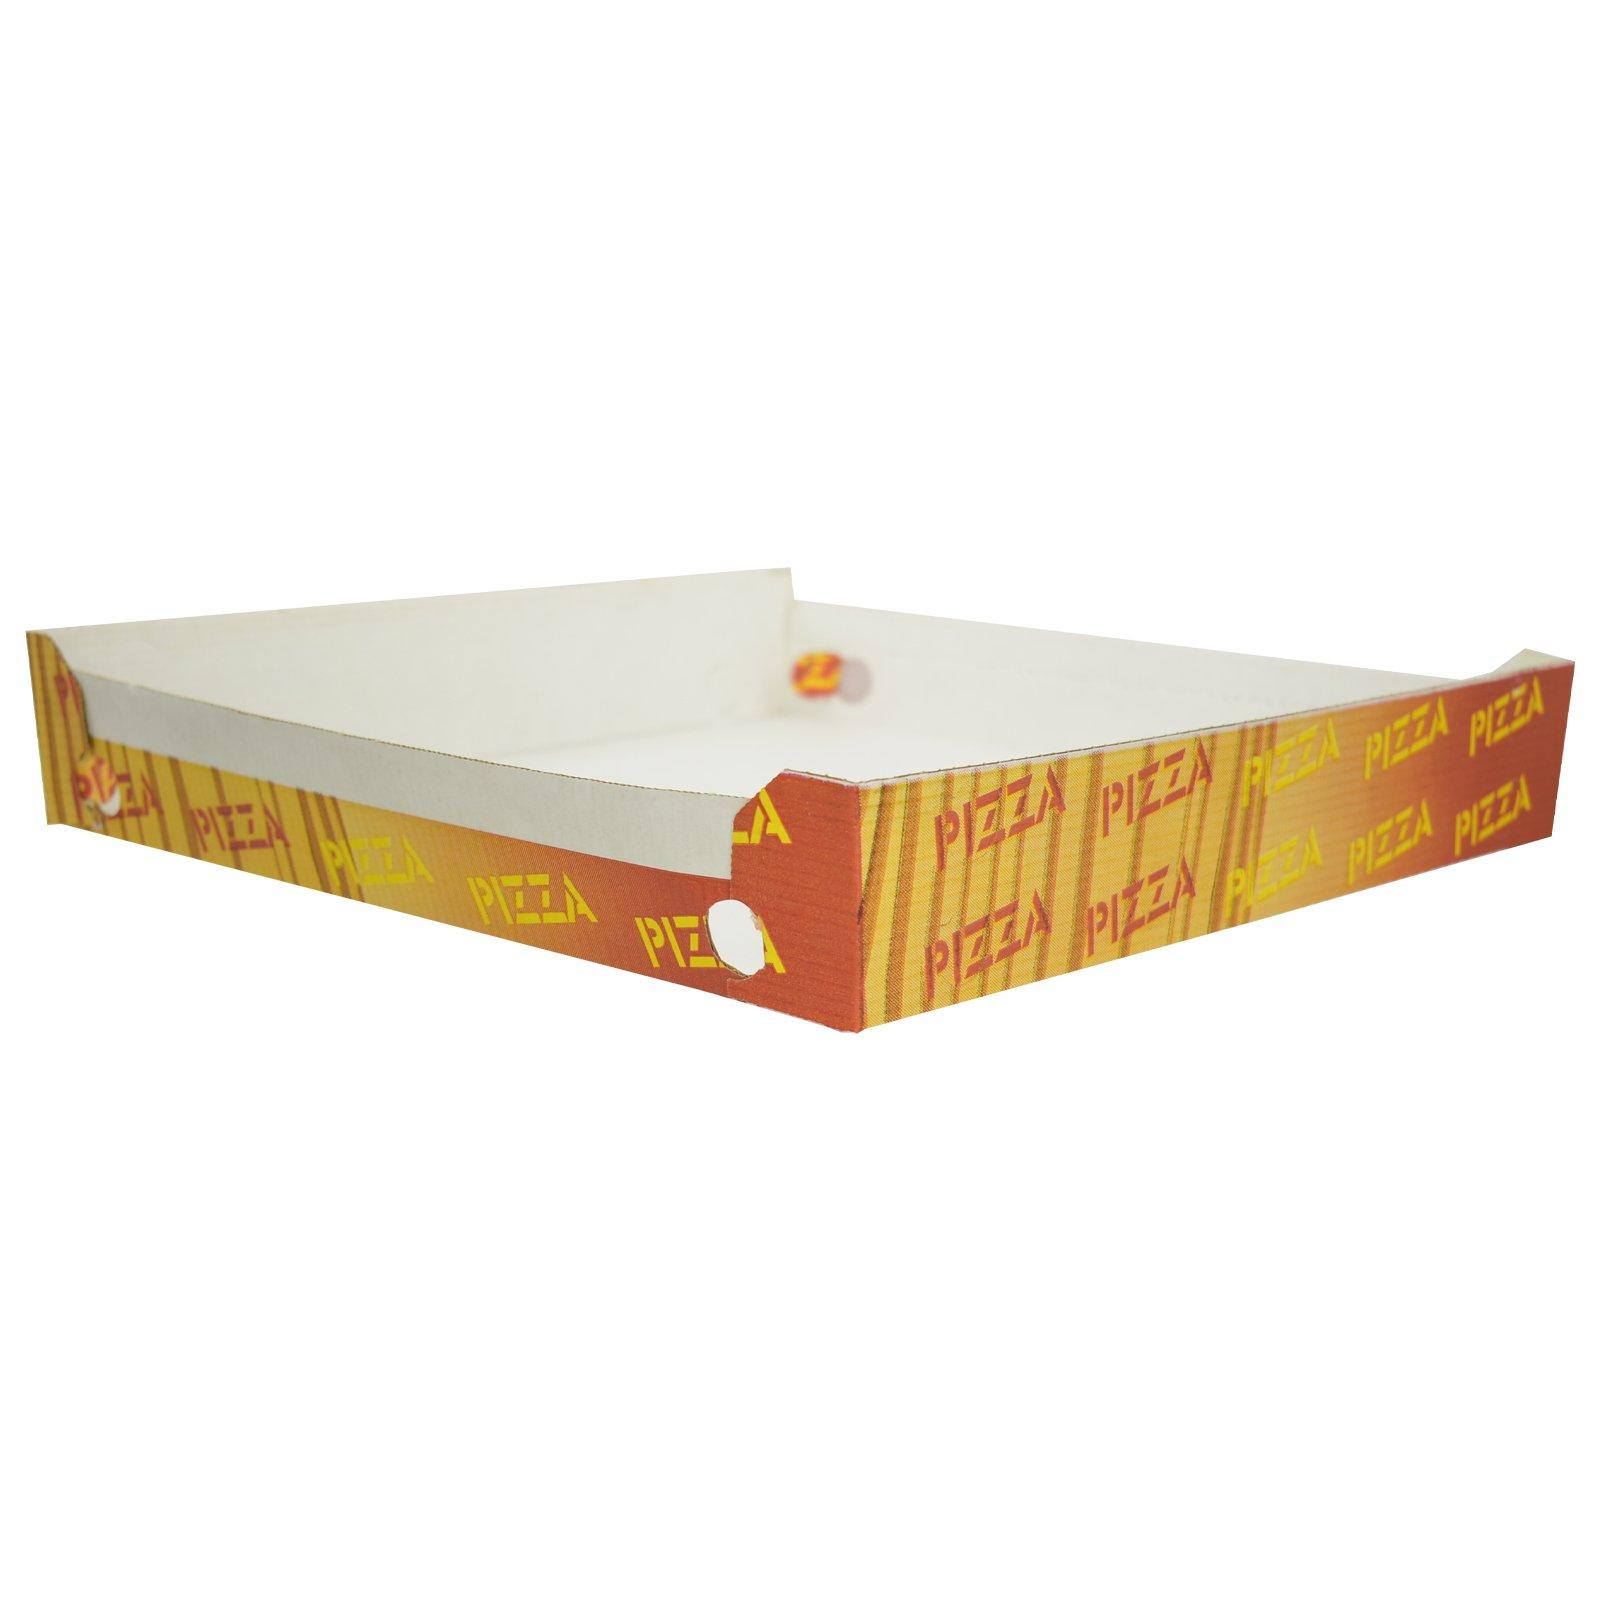 CASTIBOX – SCATOLA PIZZA GENERICA CUBO CM. 33×33 h3 x PZ 150